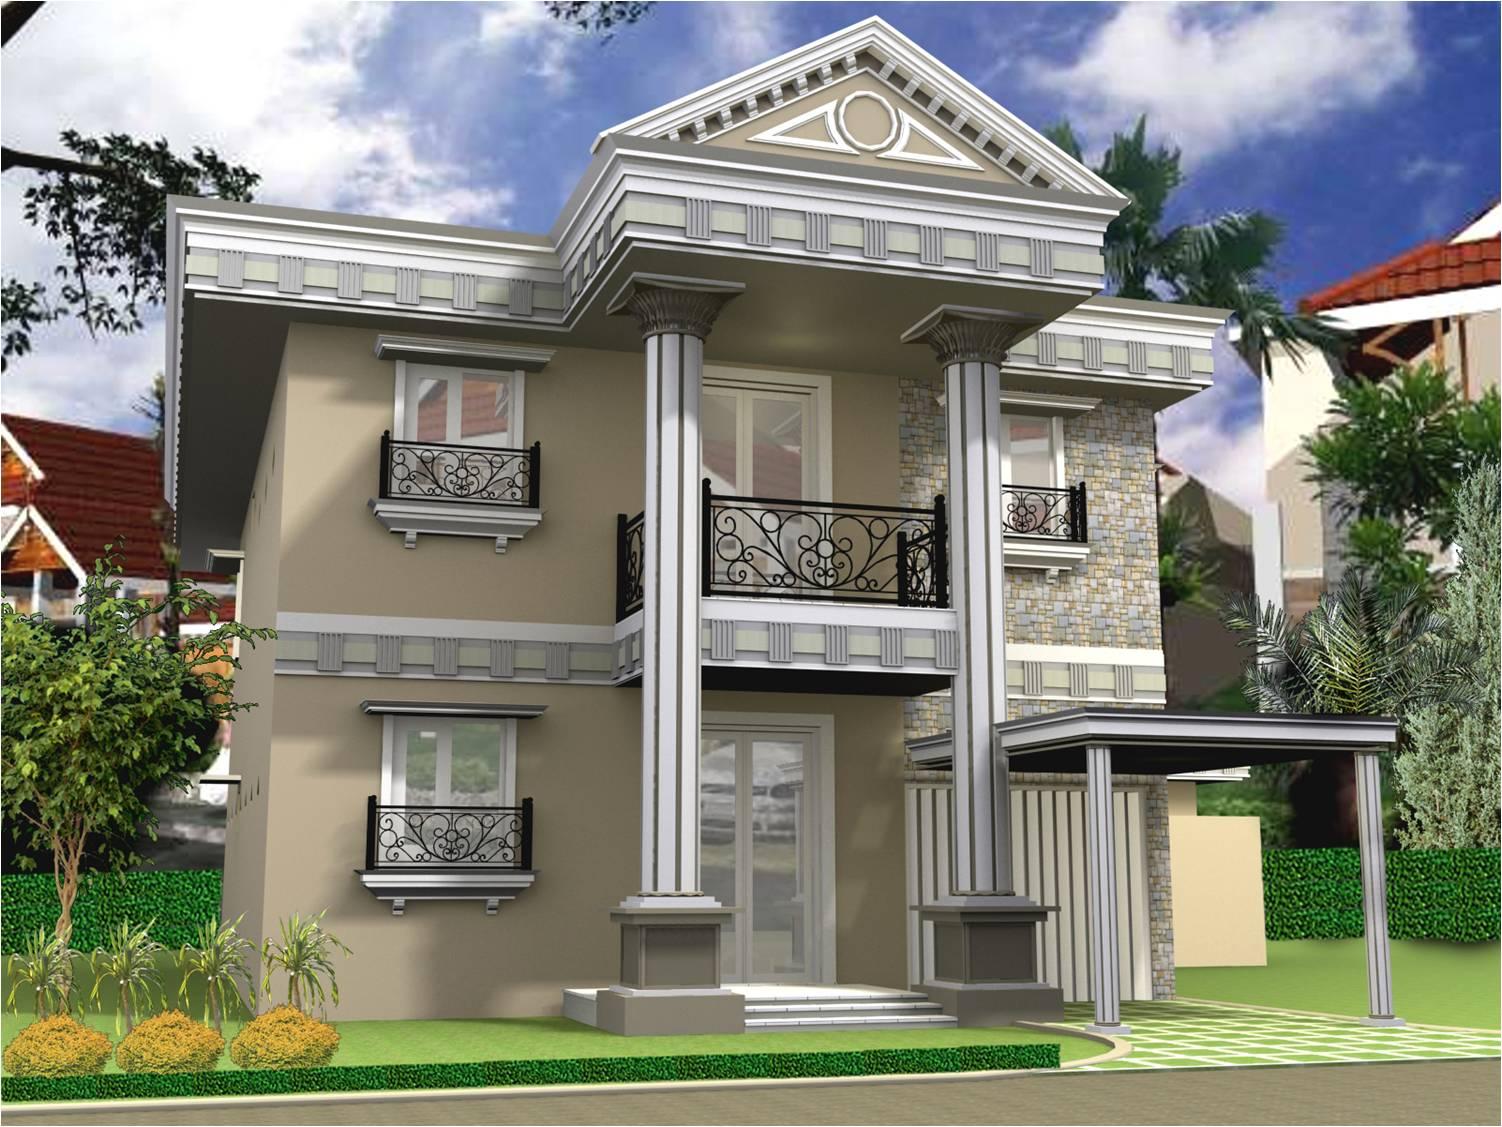 Apakah anda sedang mencari tumpuan Model Model Rumah Minimalis Terbaru Contoh Model Model Rumah Minimalis Terbaru